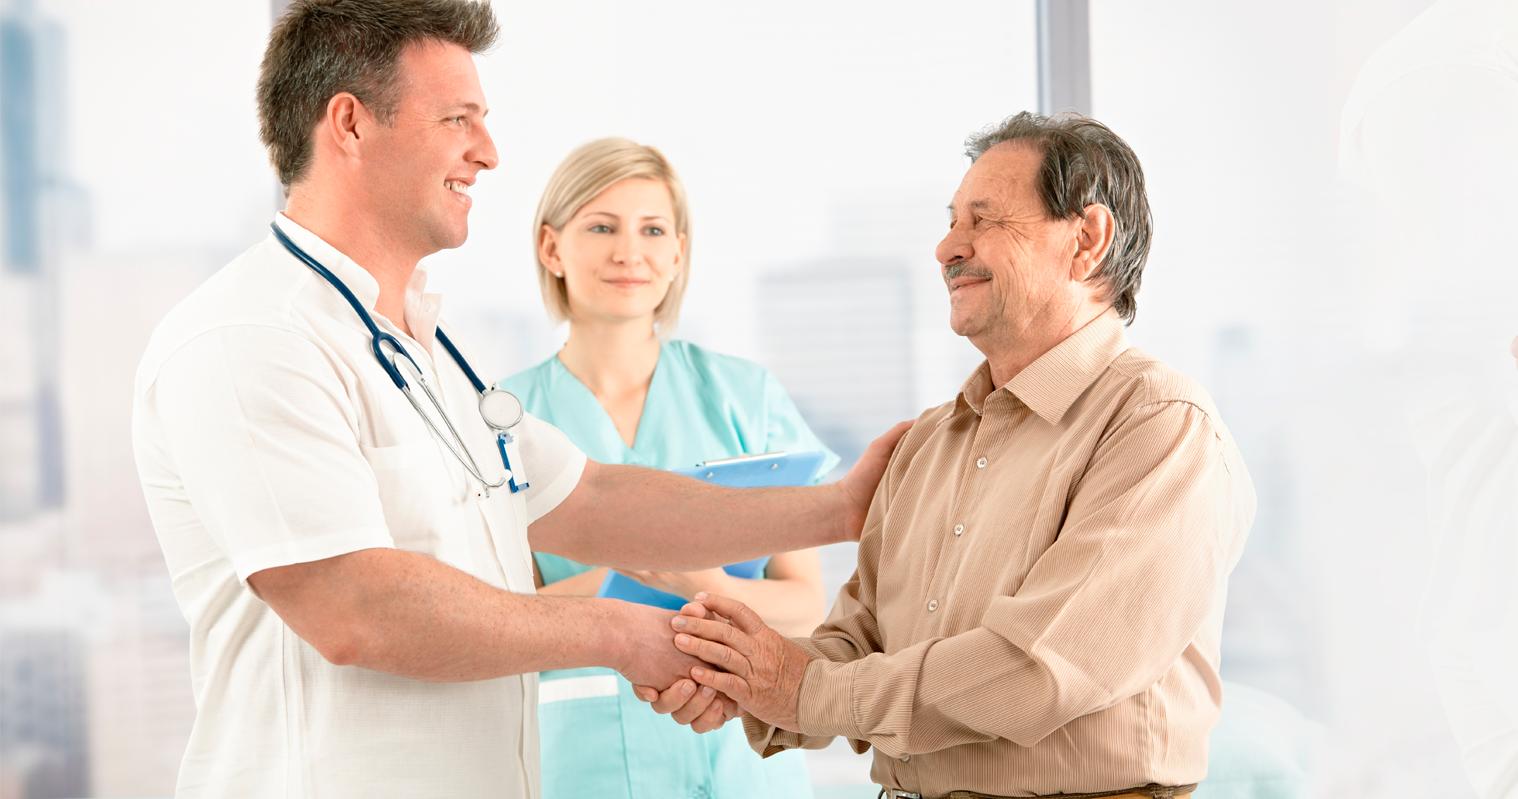 conquistar e fidelizar pacientes